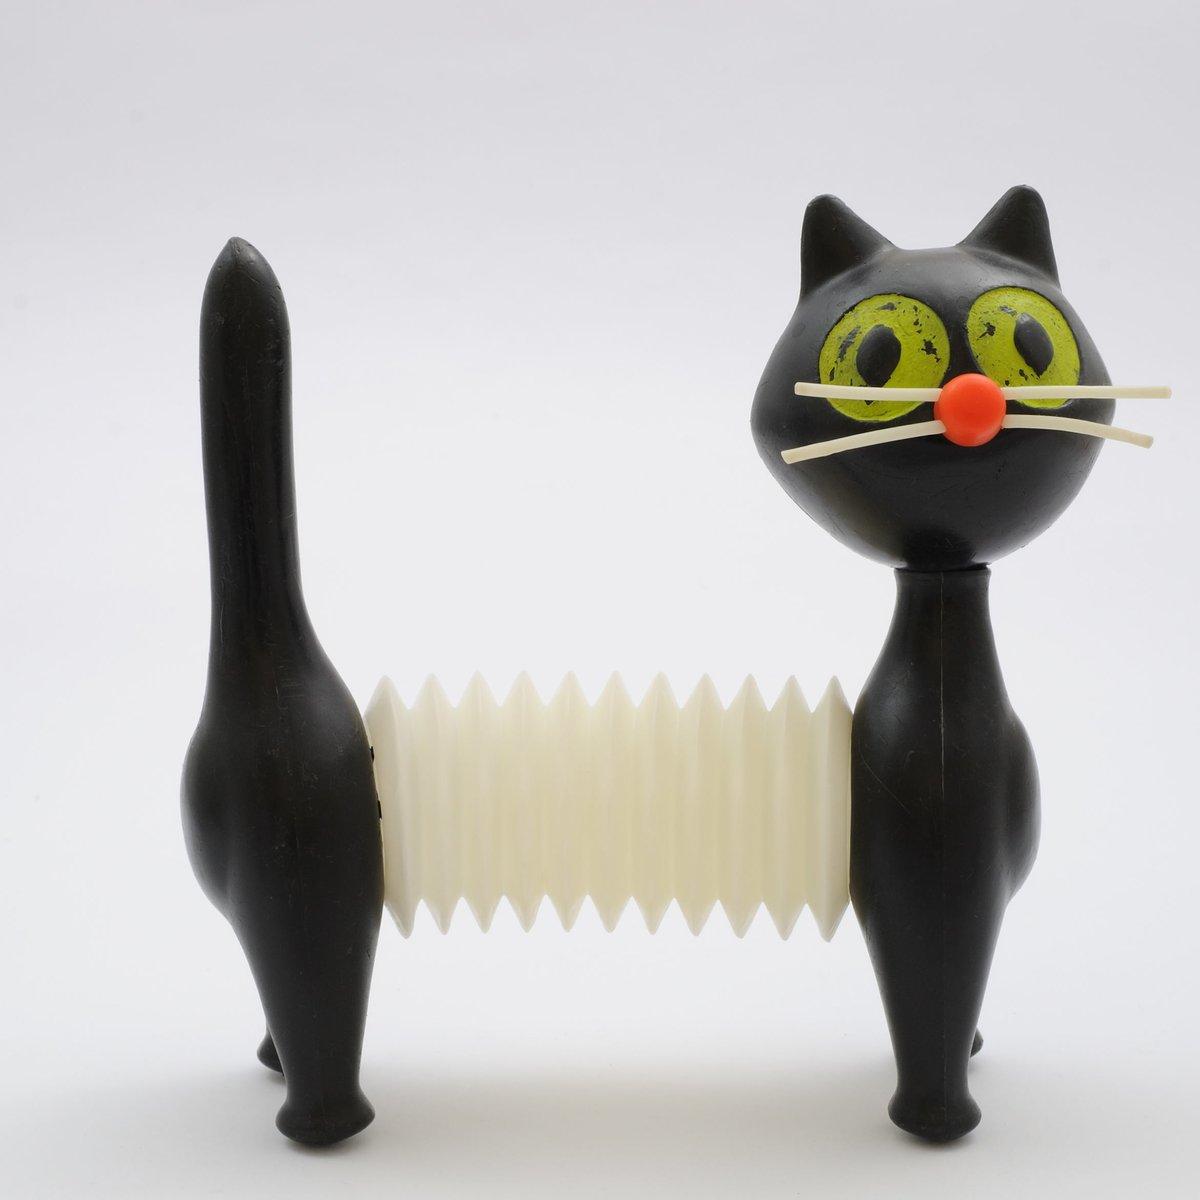 Katze Spielzeug aus Kunststoff von Libuse Niklo...